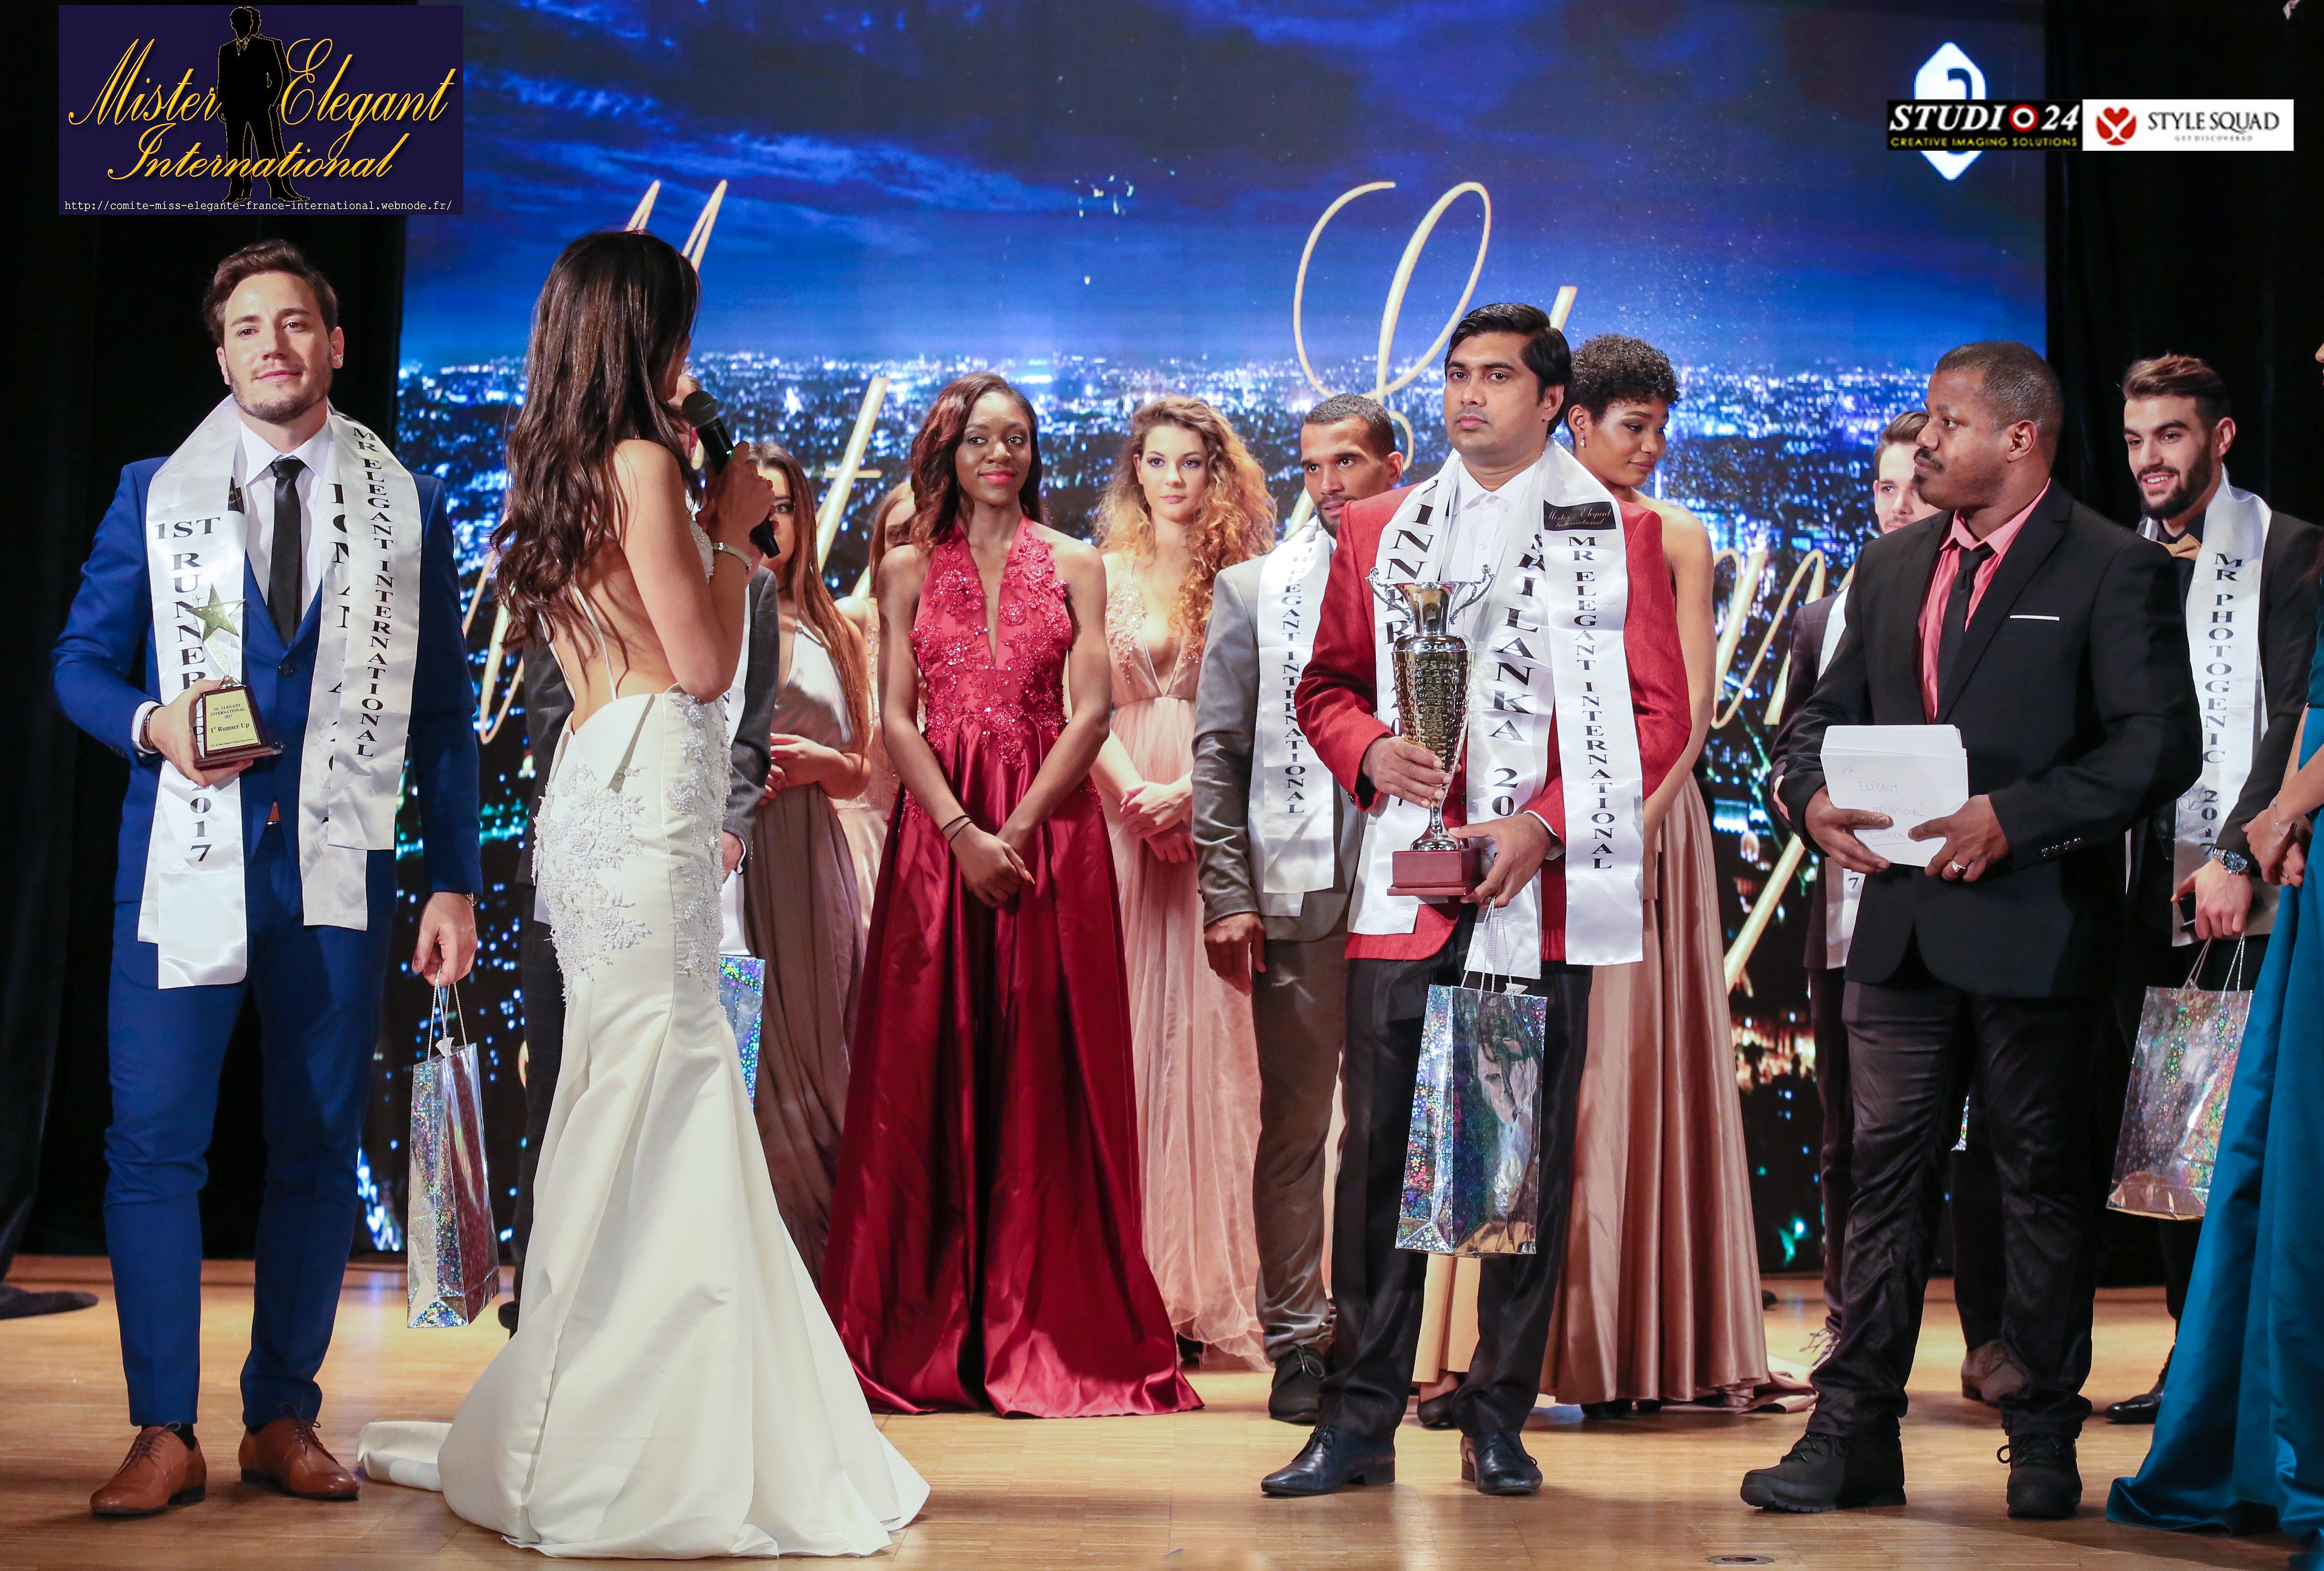 Prasad Deshapriya - Mister Elegant International 2017